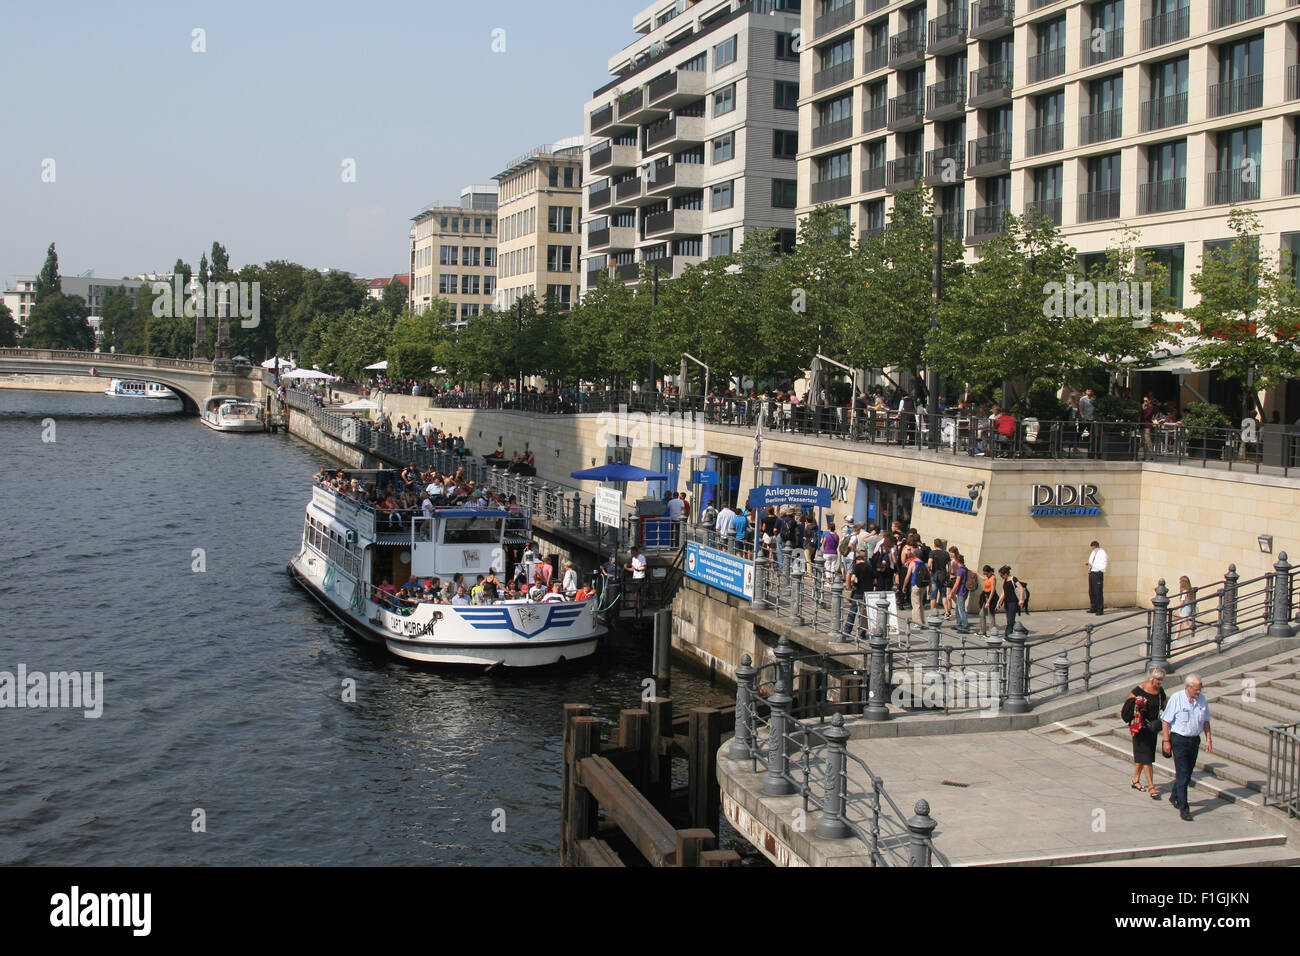 river spree berlin germany - Stock Image